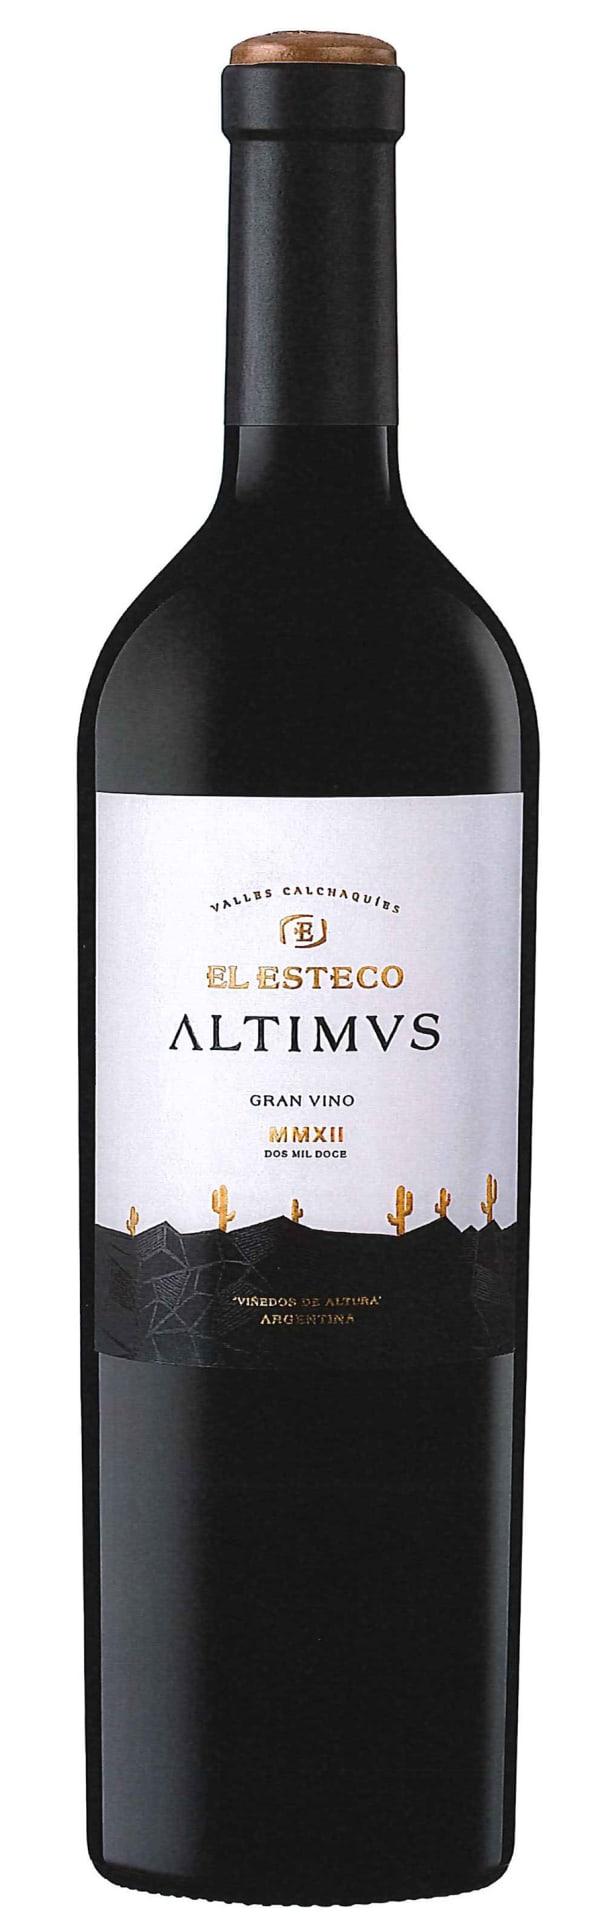 El Esteco Altimus 2015